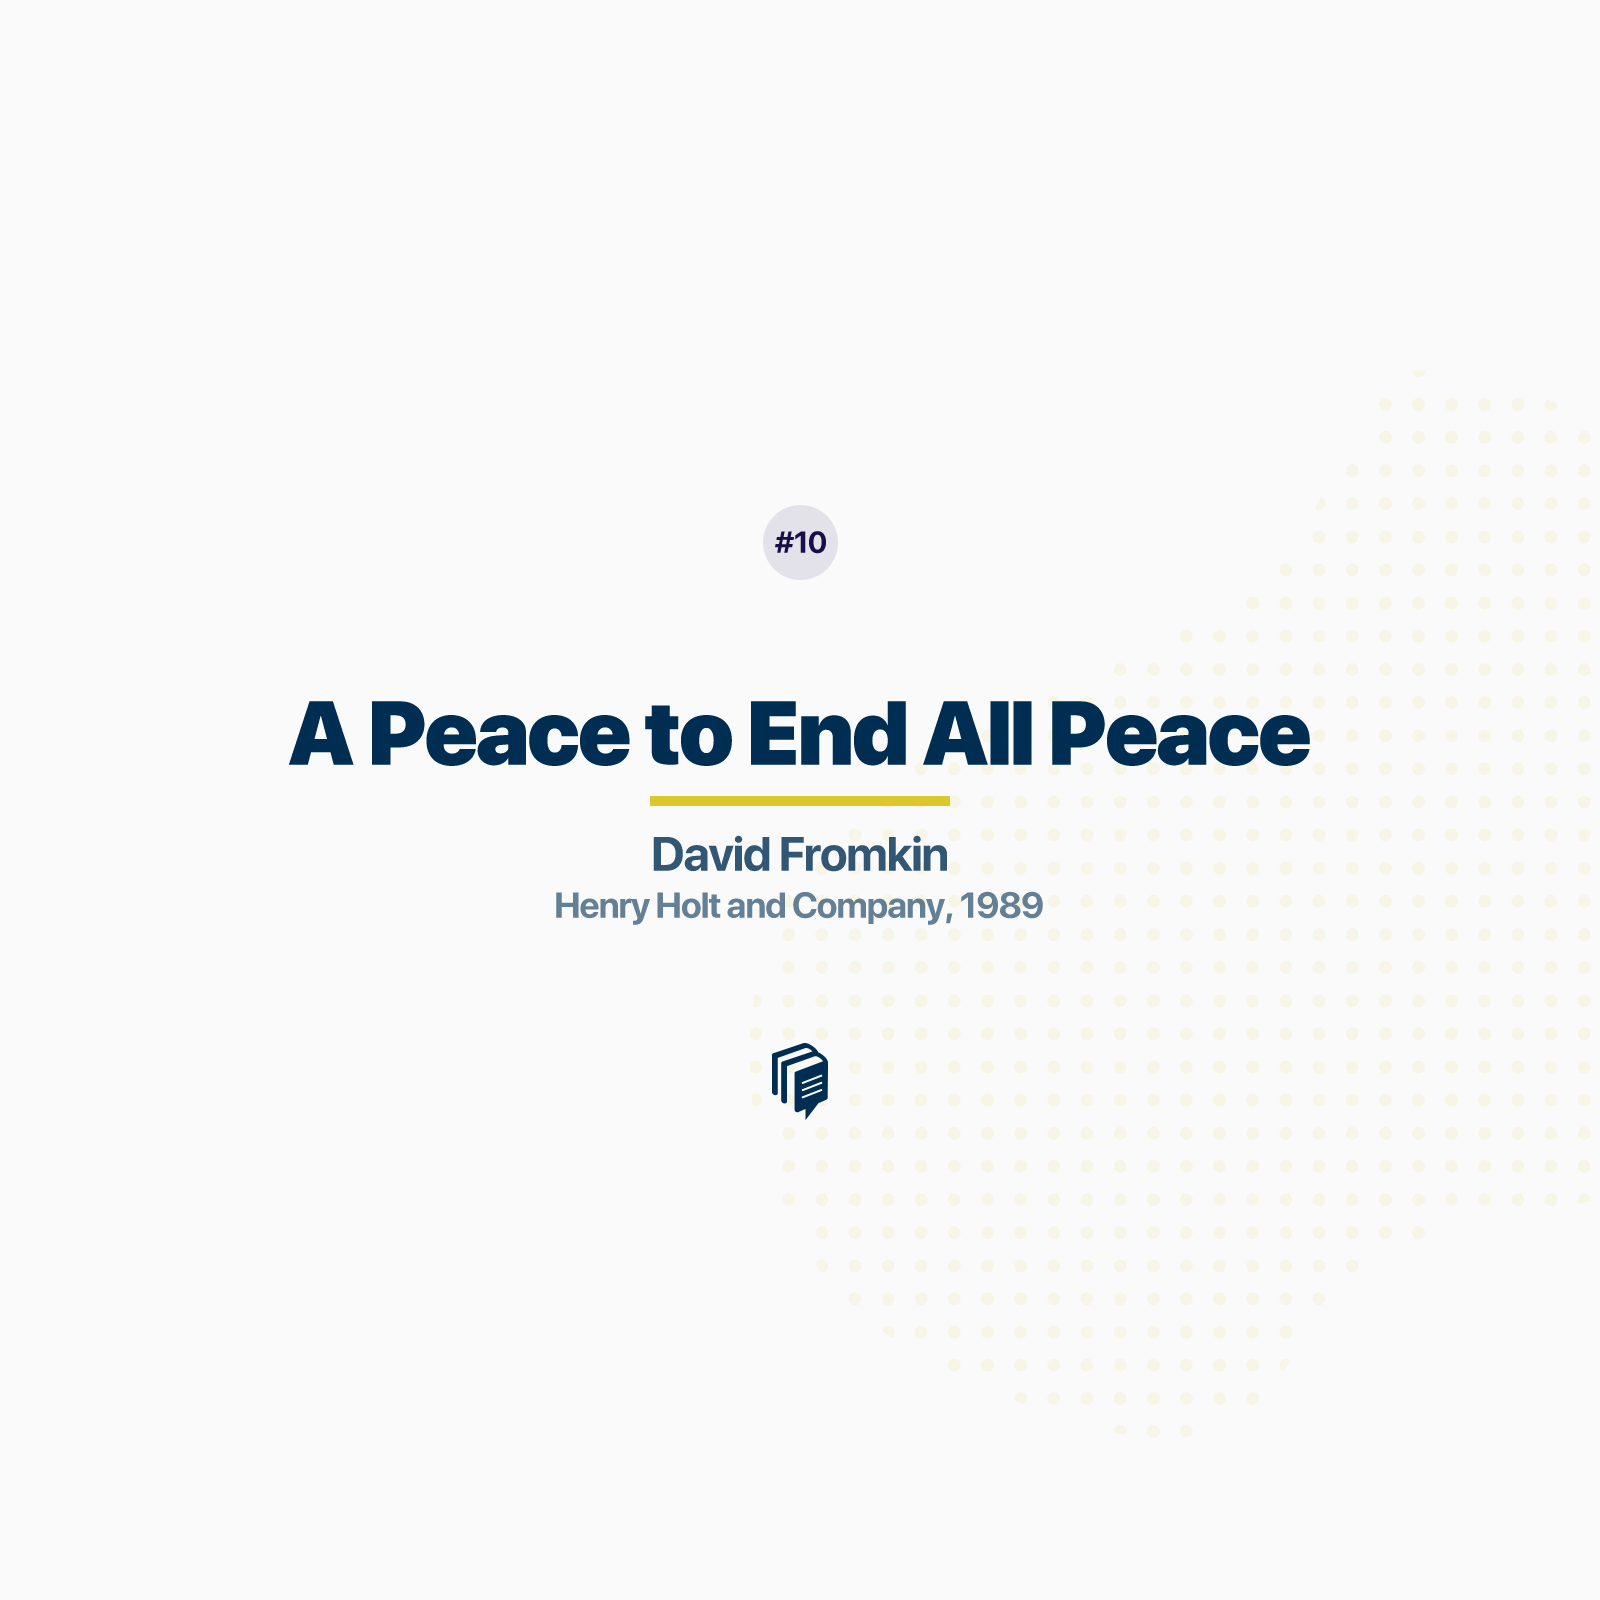 اپیزود ده پادکست بیپلاس; خلاصهی کتاب صلحی که همهی صلحها را بر باد داد